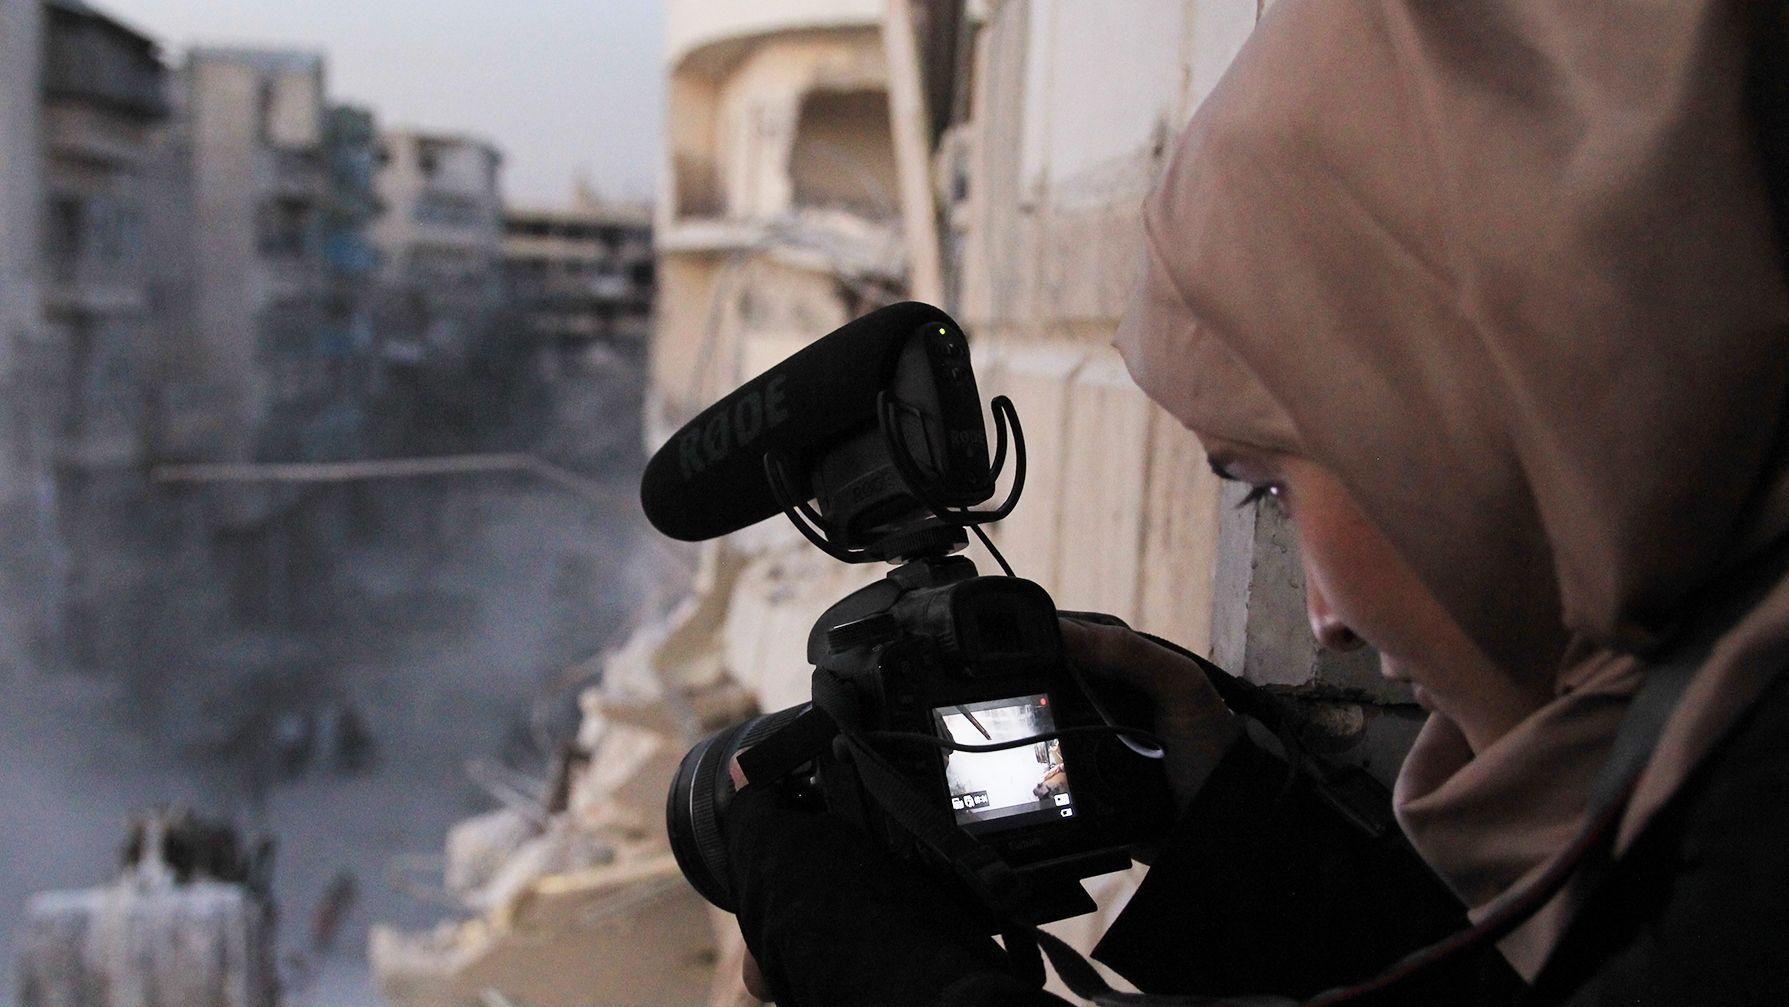 Regisseurin Waad al-Kateab filmt die zerstörten Straßen in ihrer Heimatstadt Aleppo